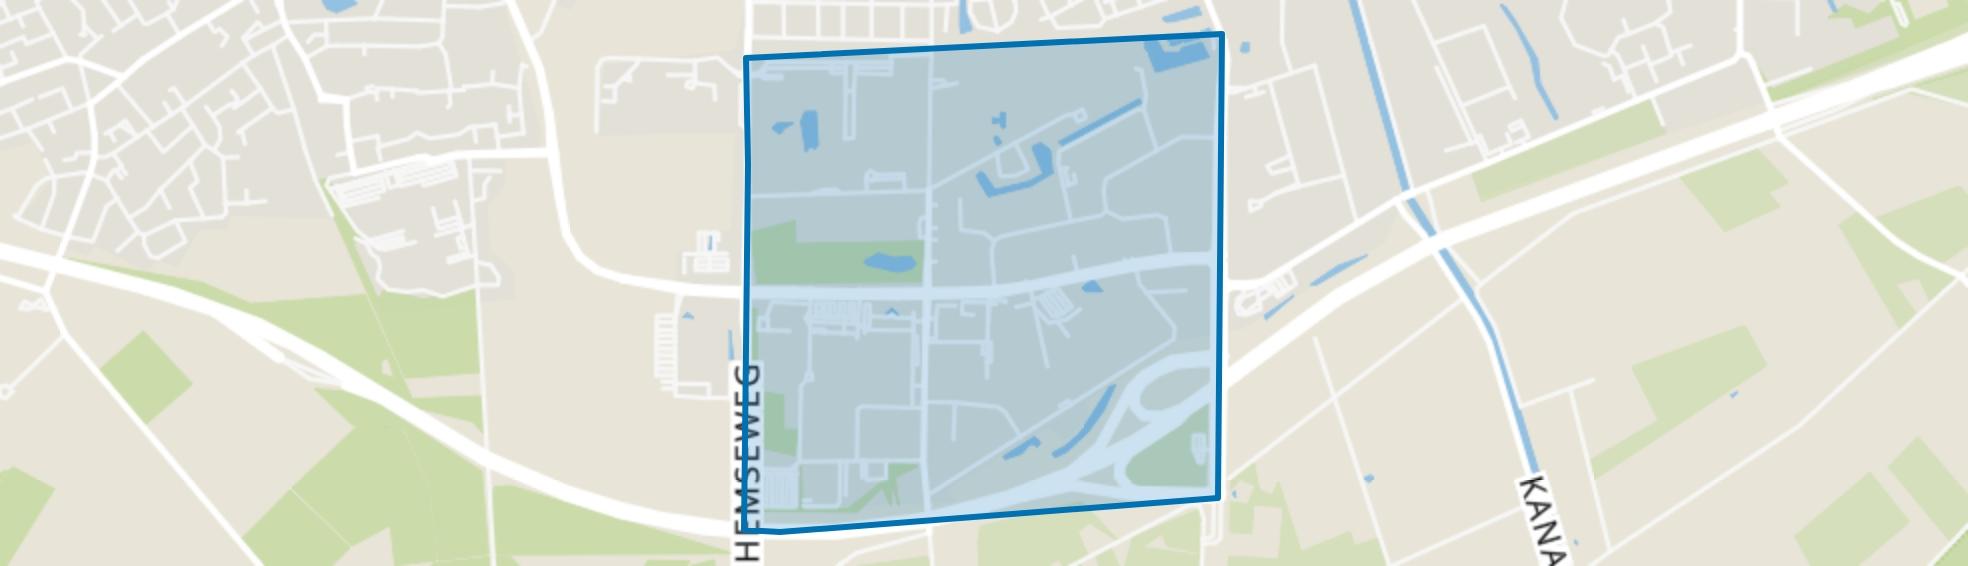 Malkenschoten, Apeldoorn map